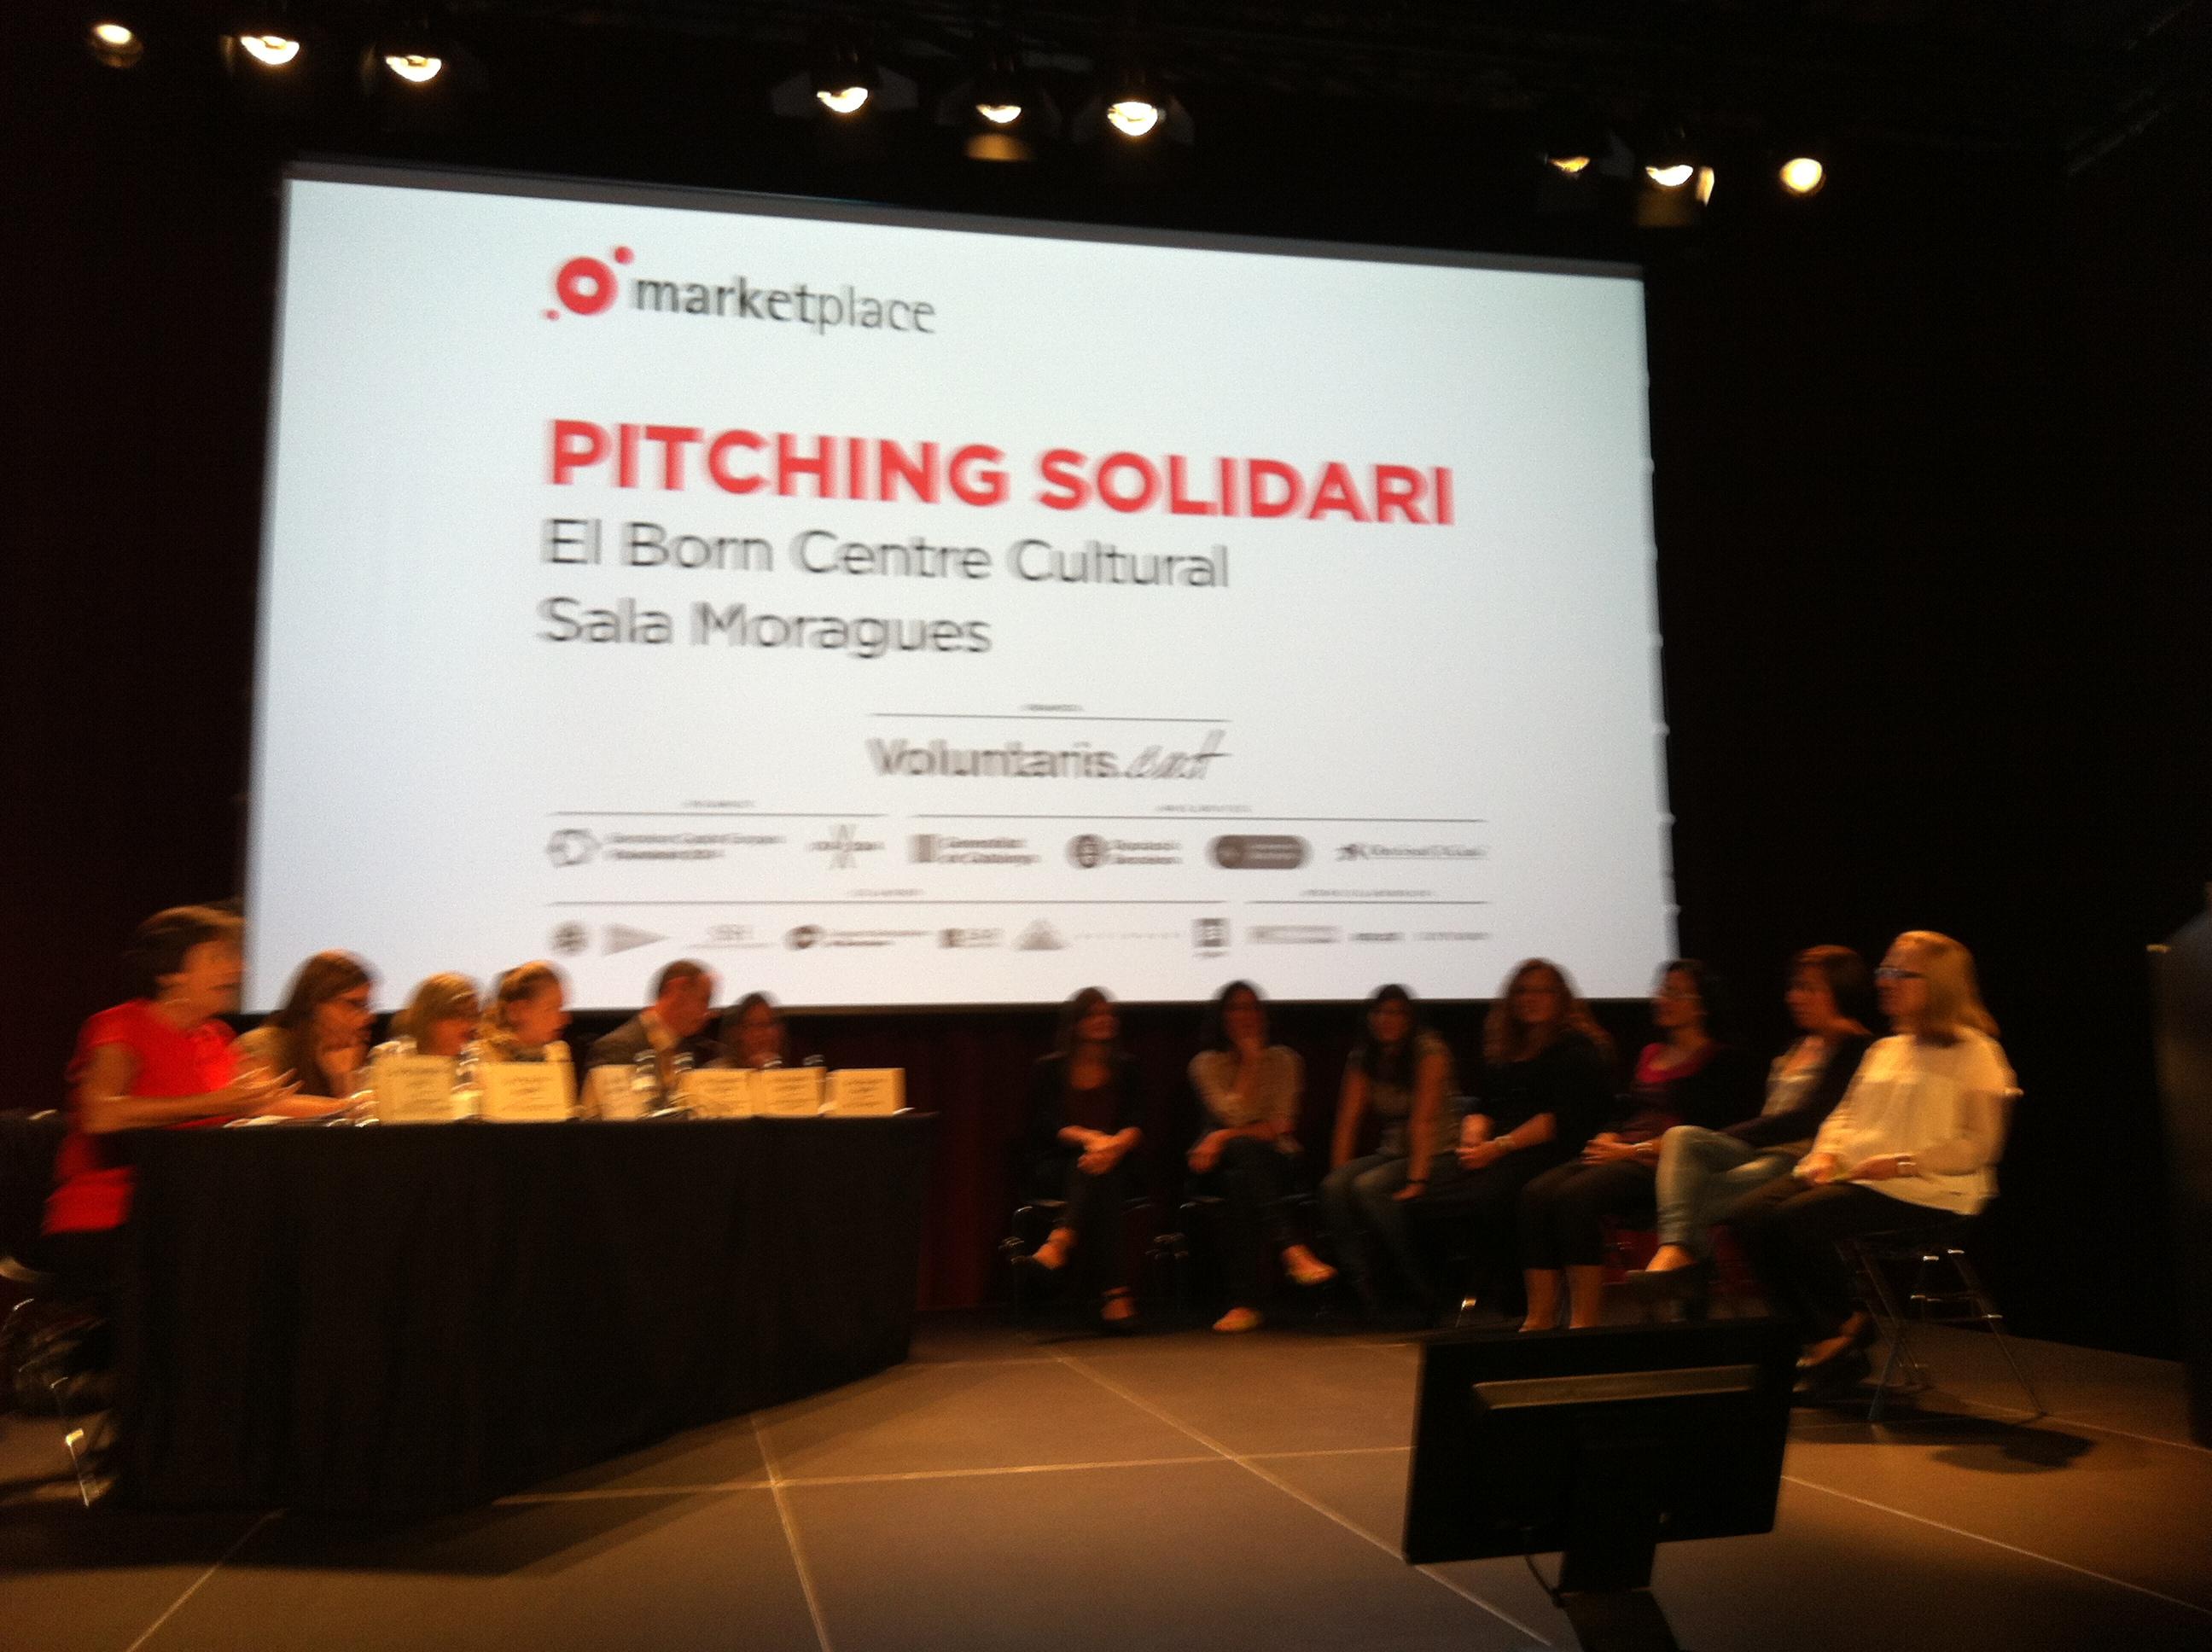 Activitat de Pitching solidari dins el Marketplace